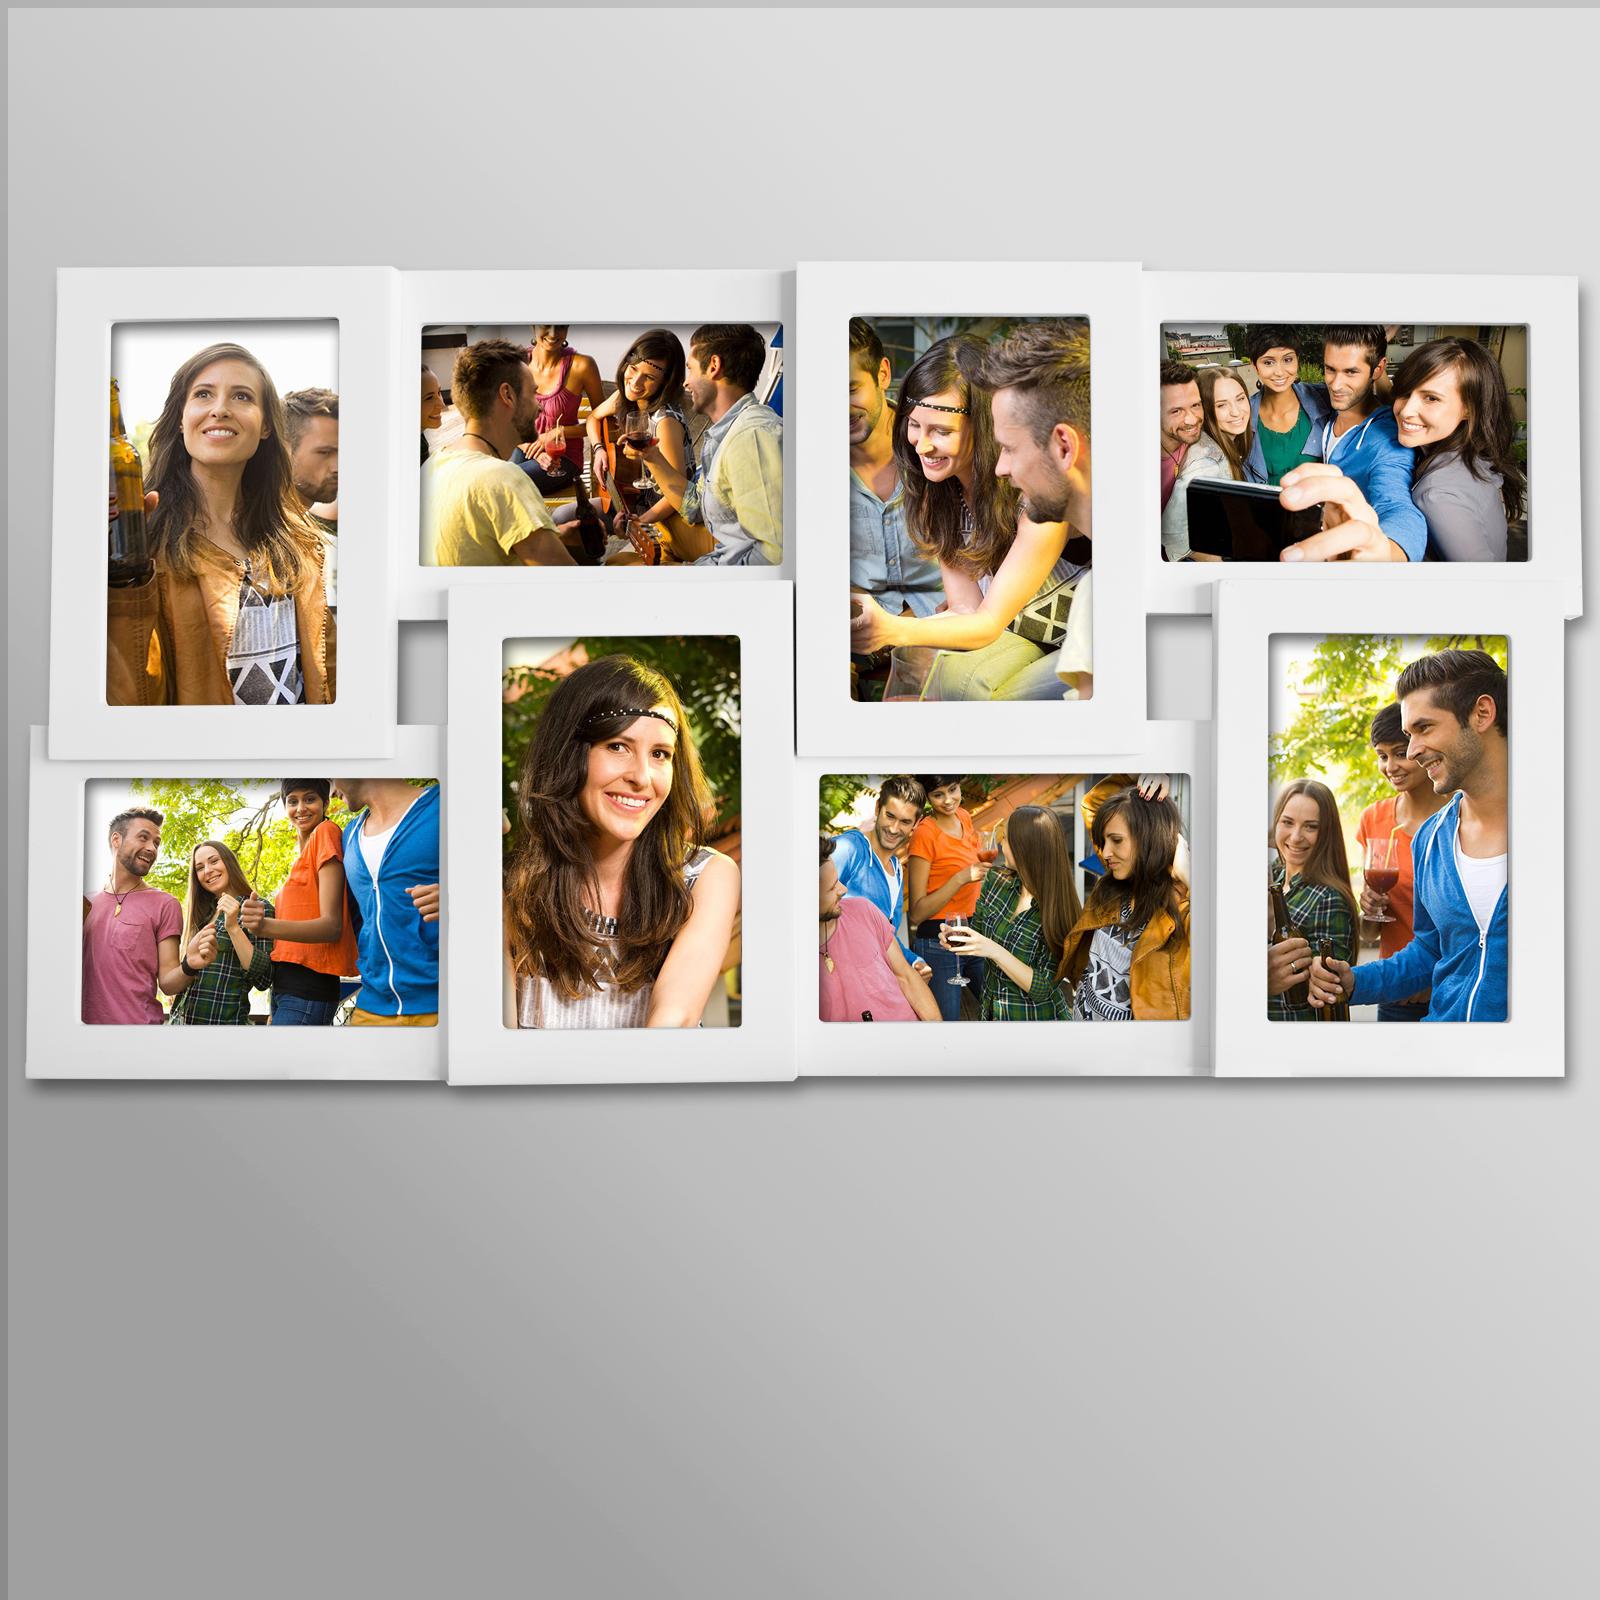 Schön 5x7 Collage Bilderrahmen Fotos - Benutzerdefinierte ...